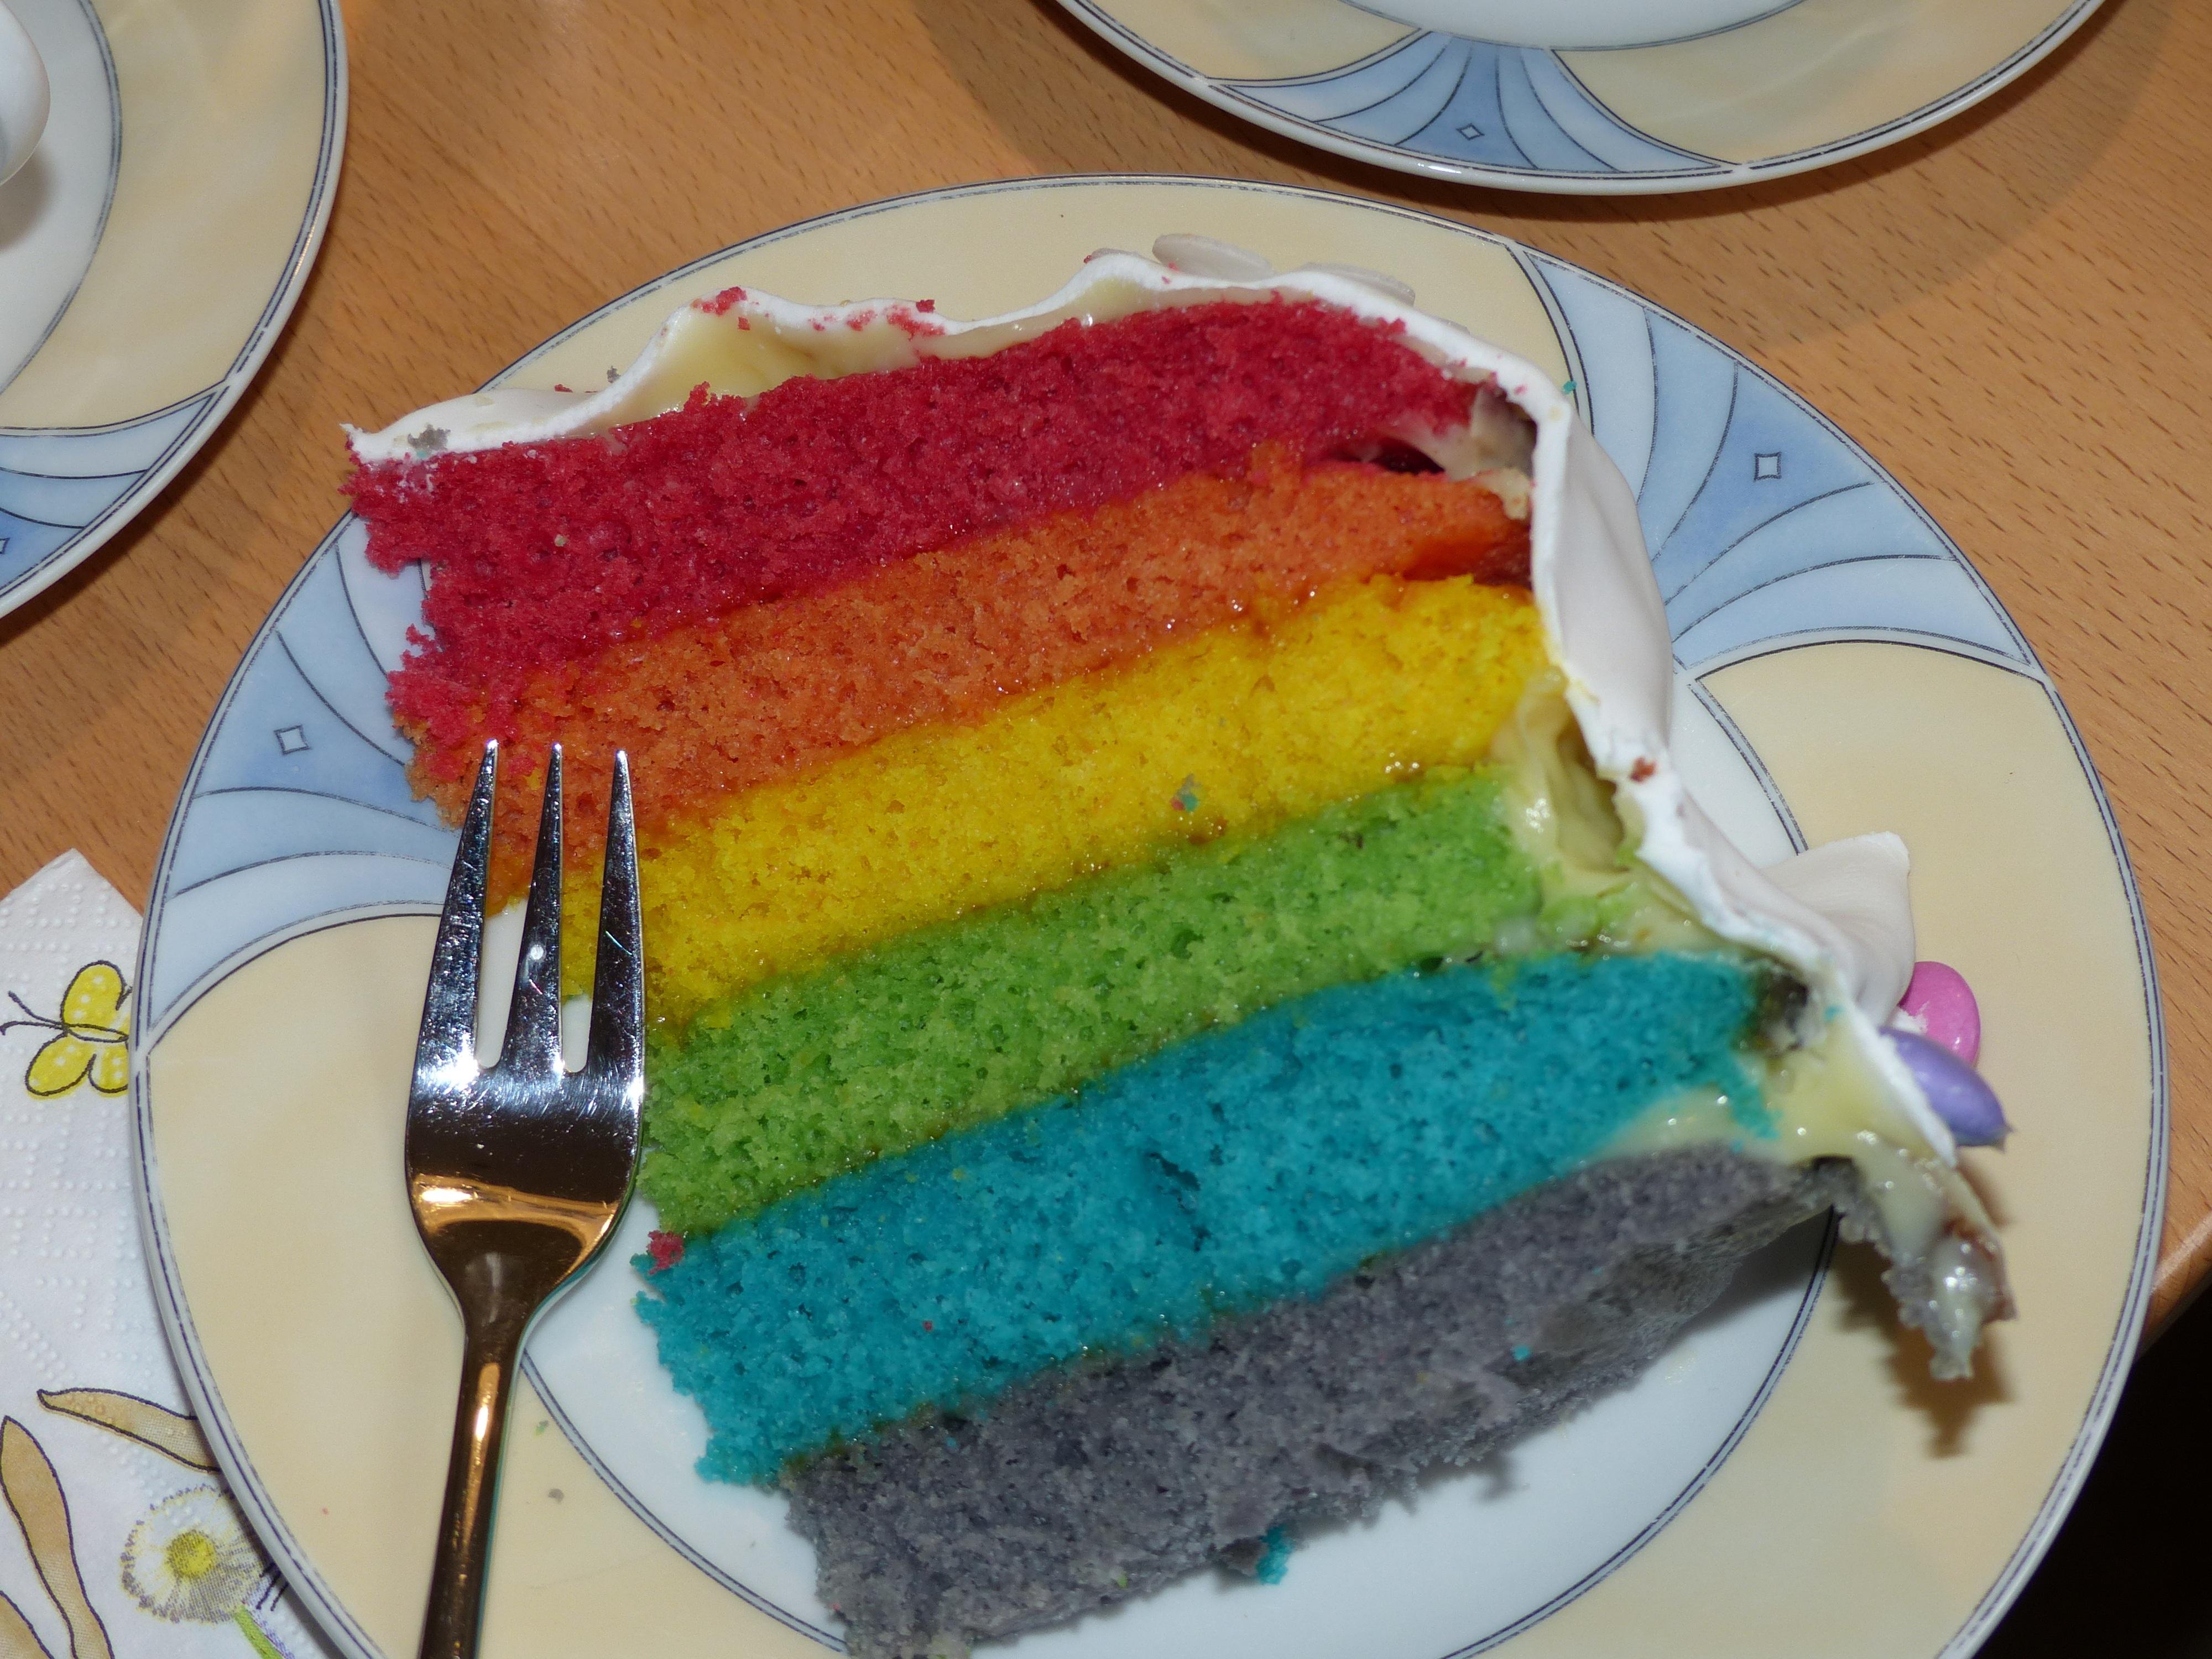 fotos gratis comida color postre cocina pastel de cumpleaos arco iris formacin de hielo dulzura colores del arcoiris torta pedazo de pastel